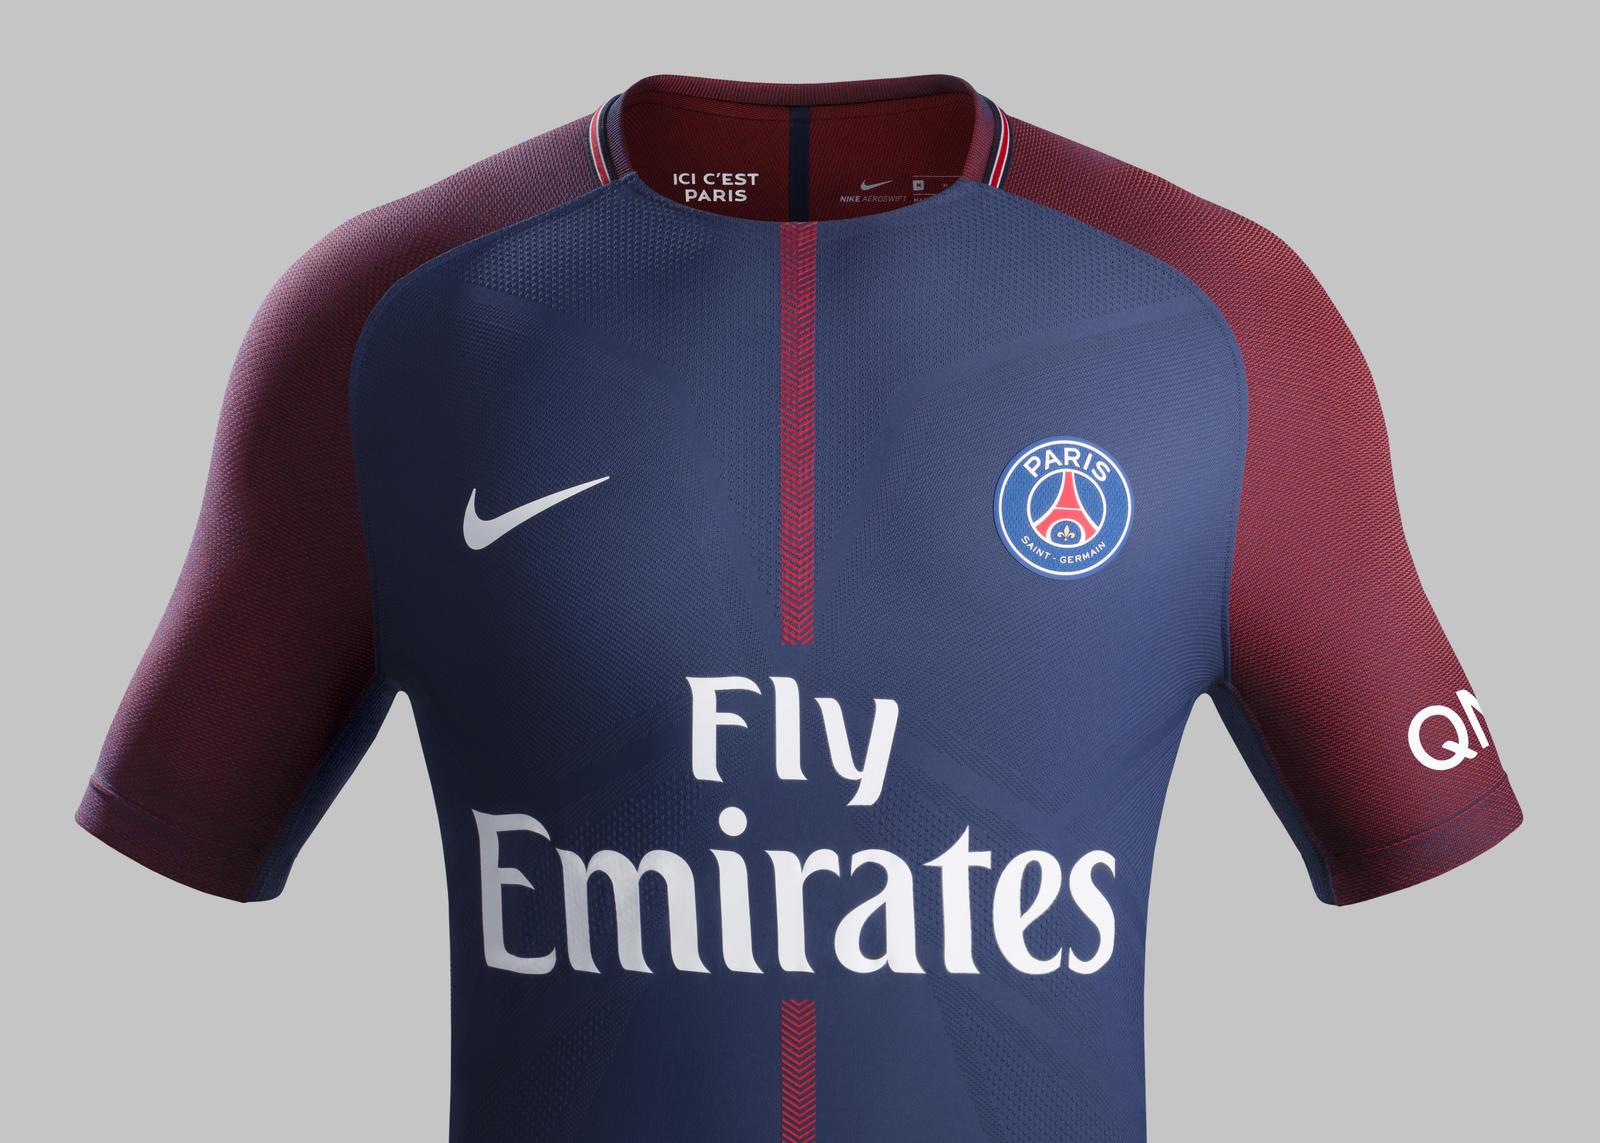 Paris Saint-Germain Home Kit 2017-18 - Nike News